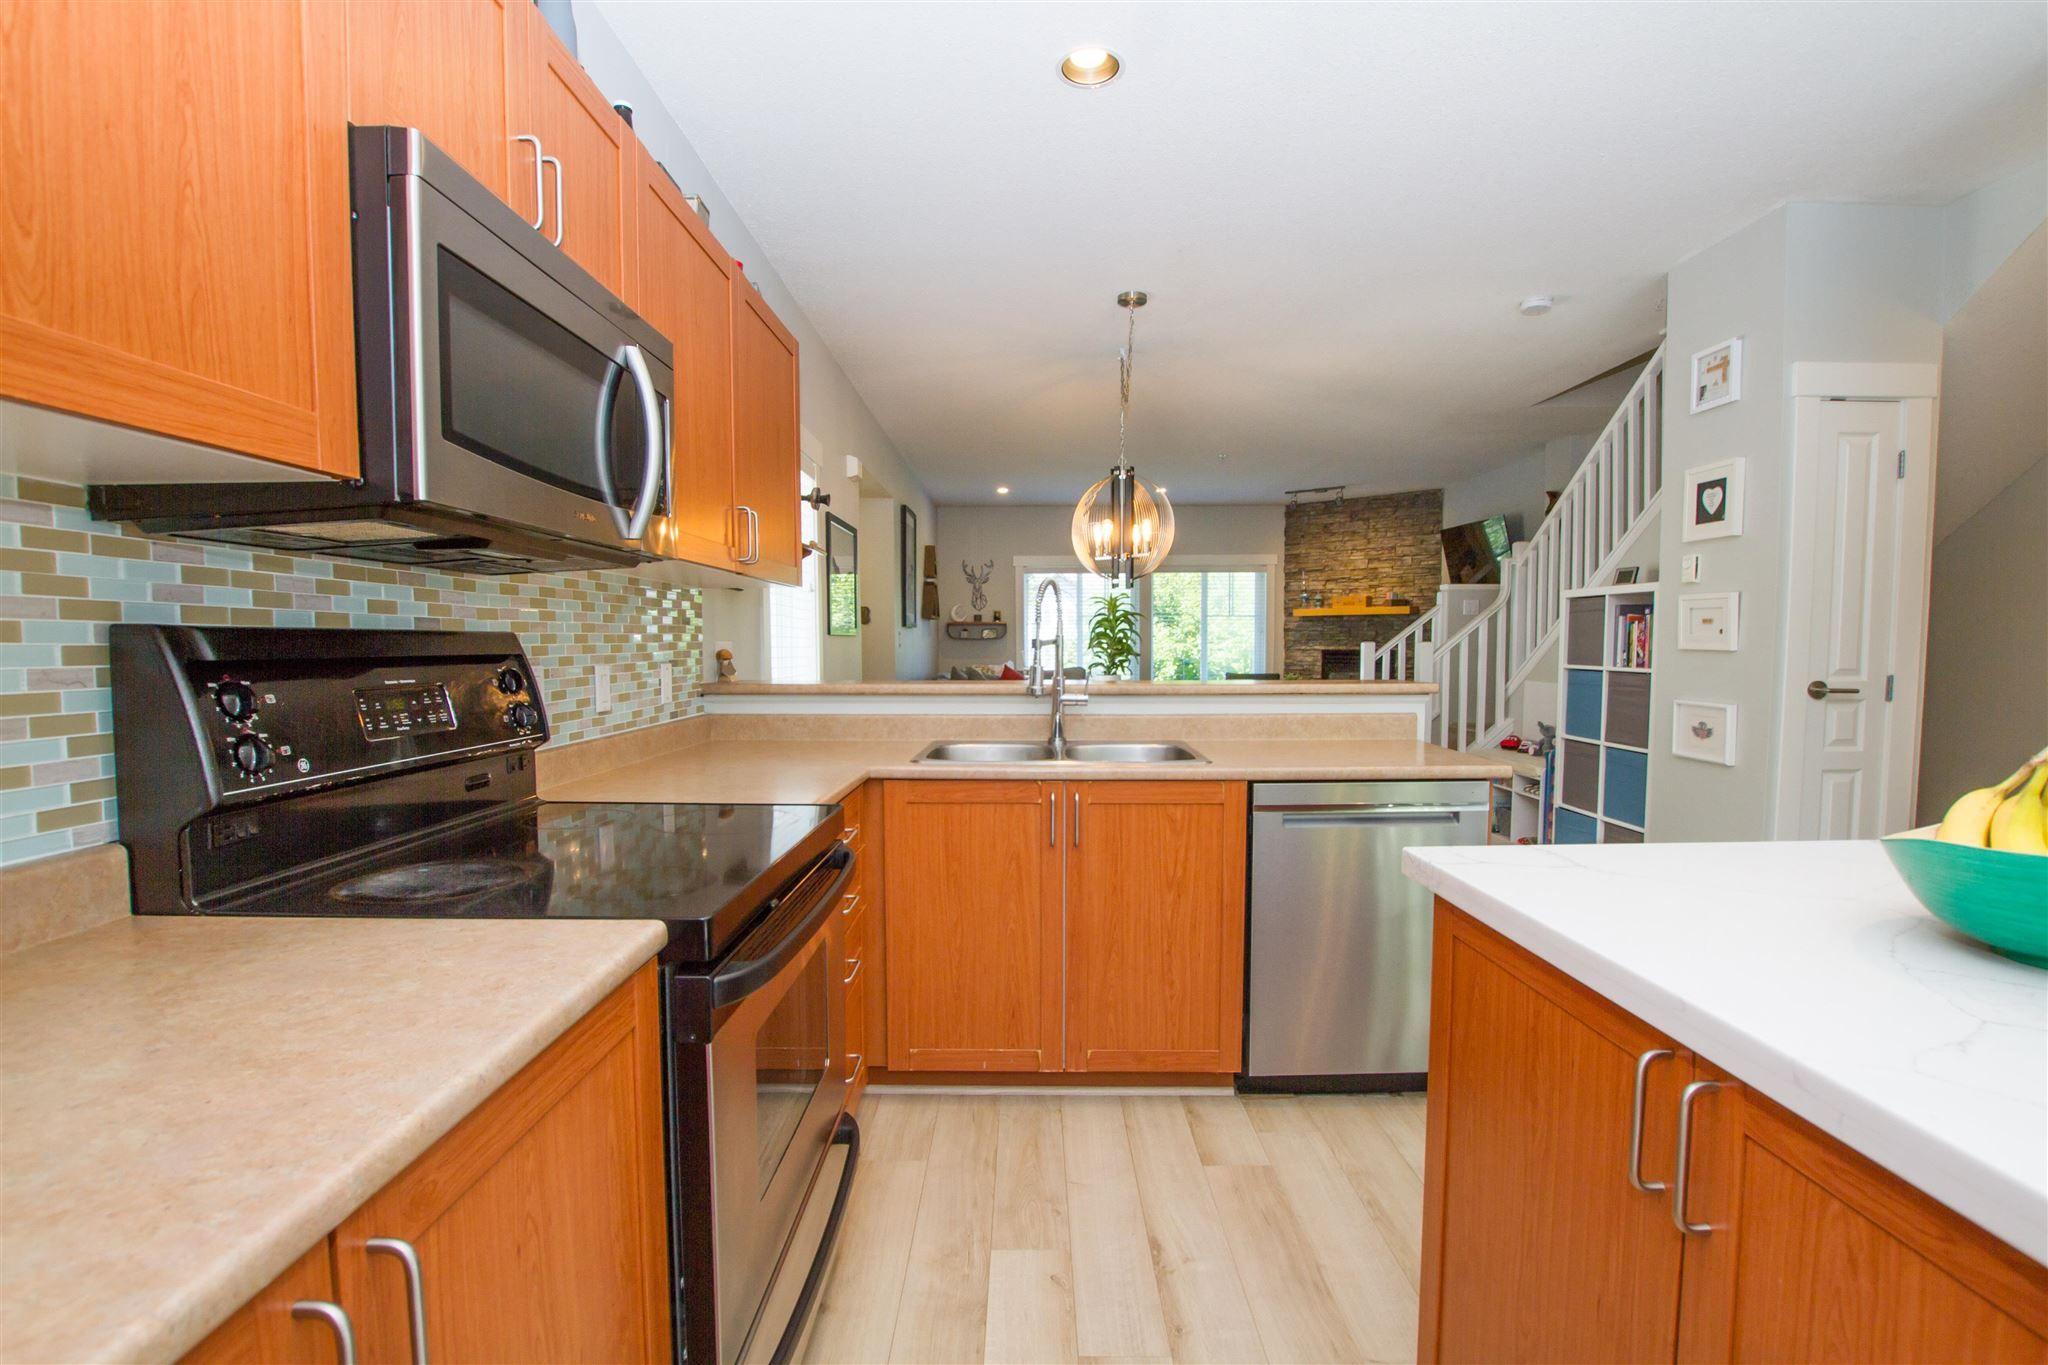 """Photo 16: Photos: 11 1800 MAMQUAM Road in Squamish: Garibaldi Estates Townhouse for sale in """"Virescence"""" : MLS®# R2597844"""